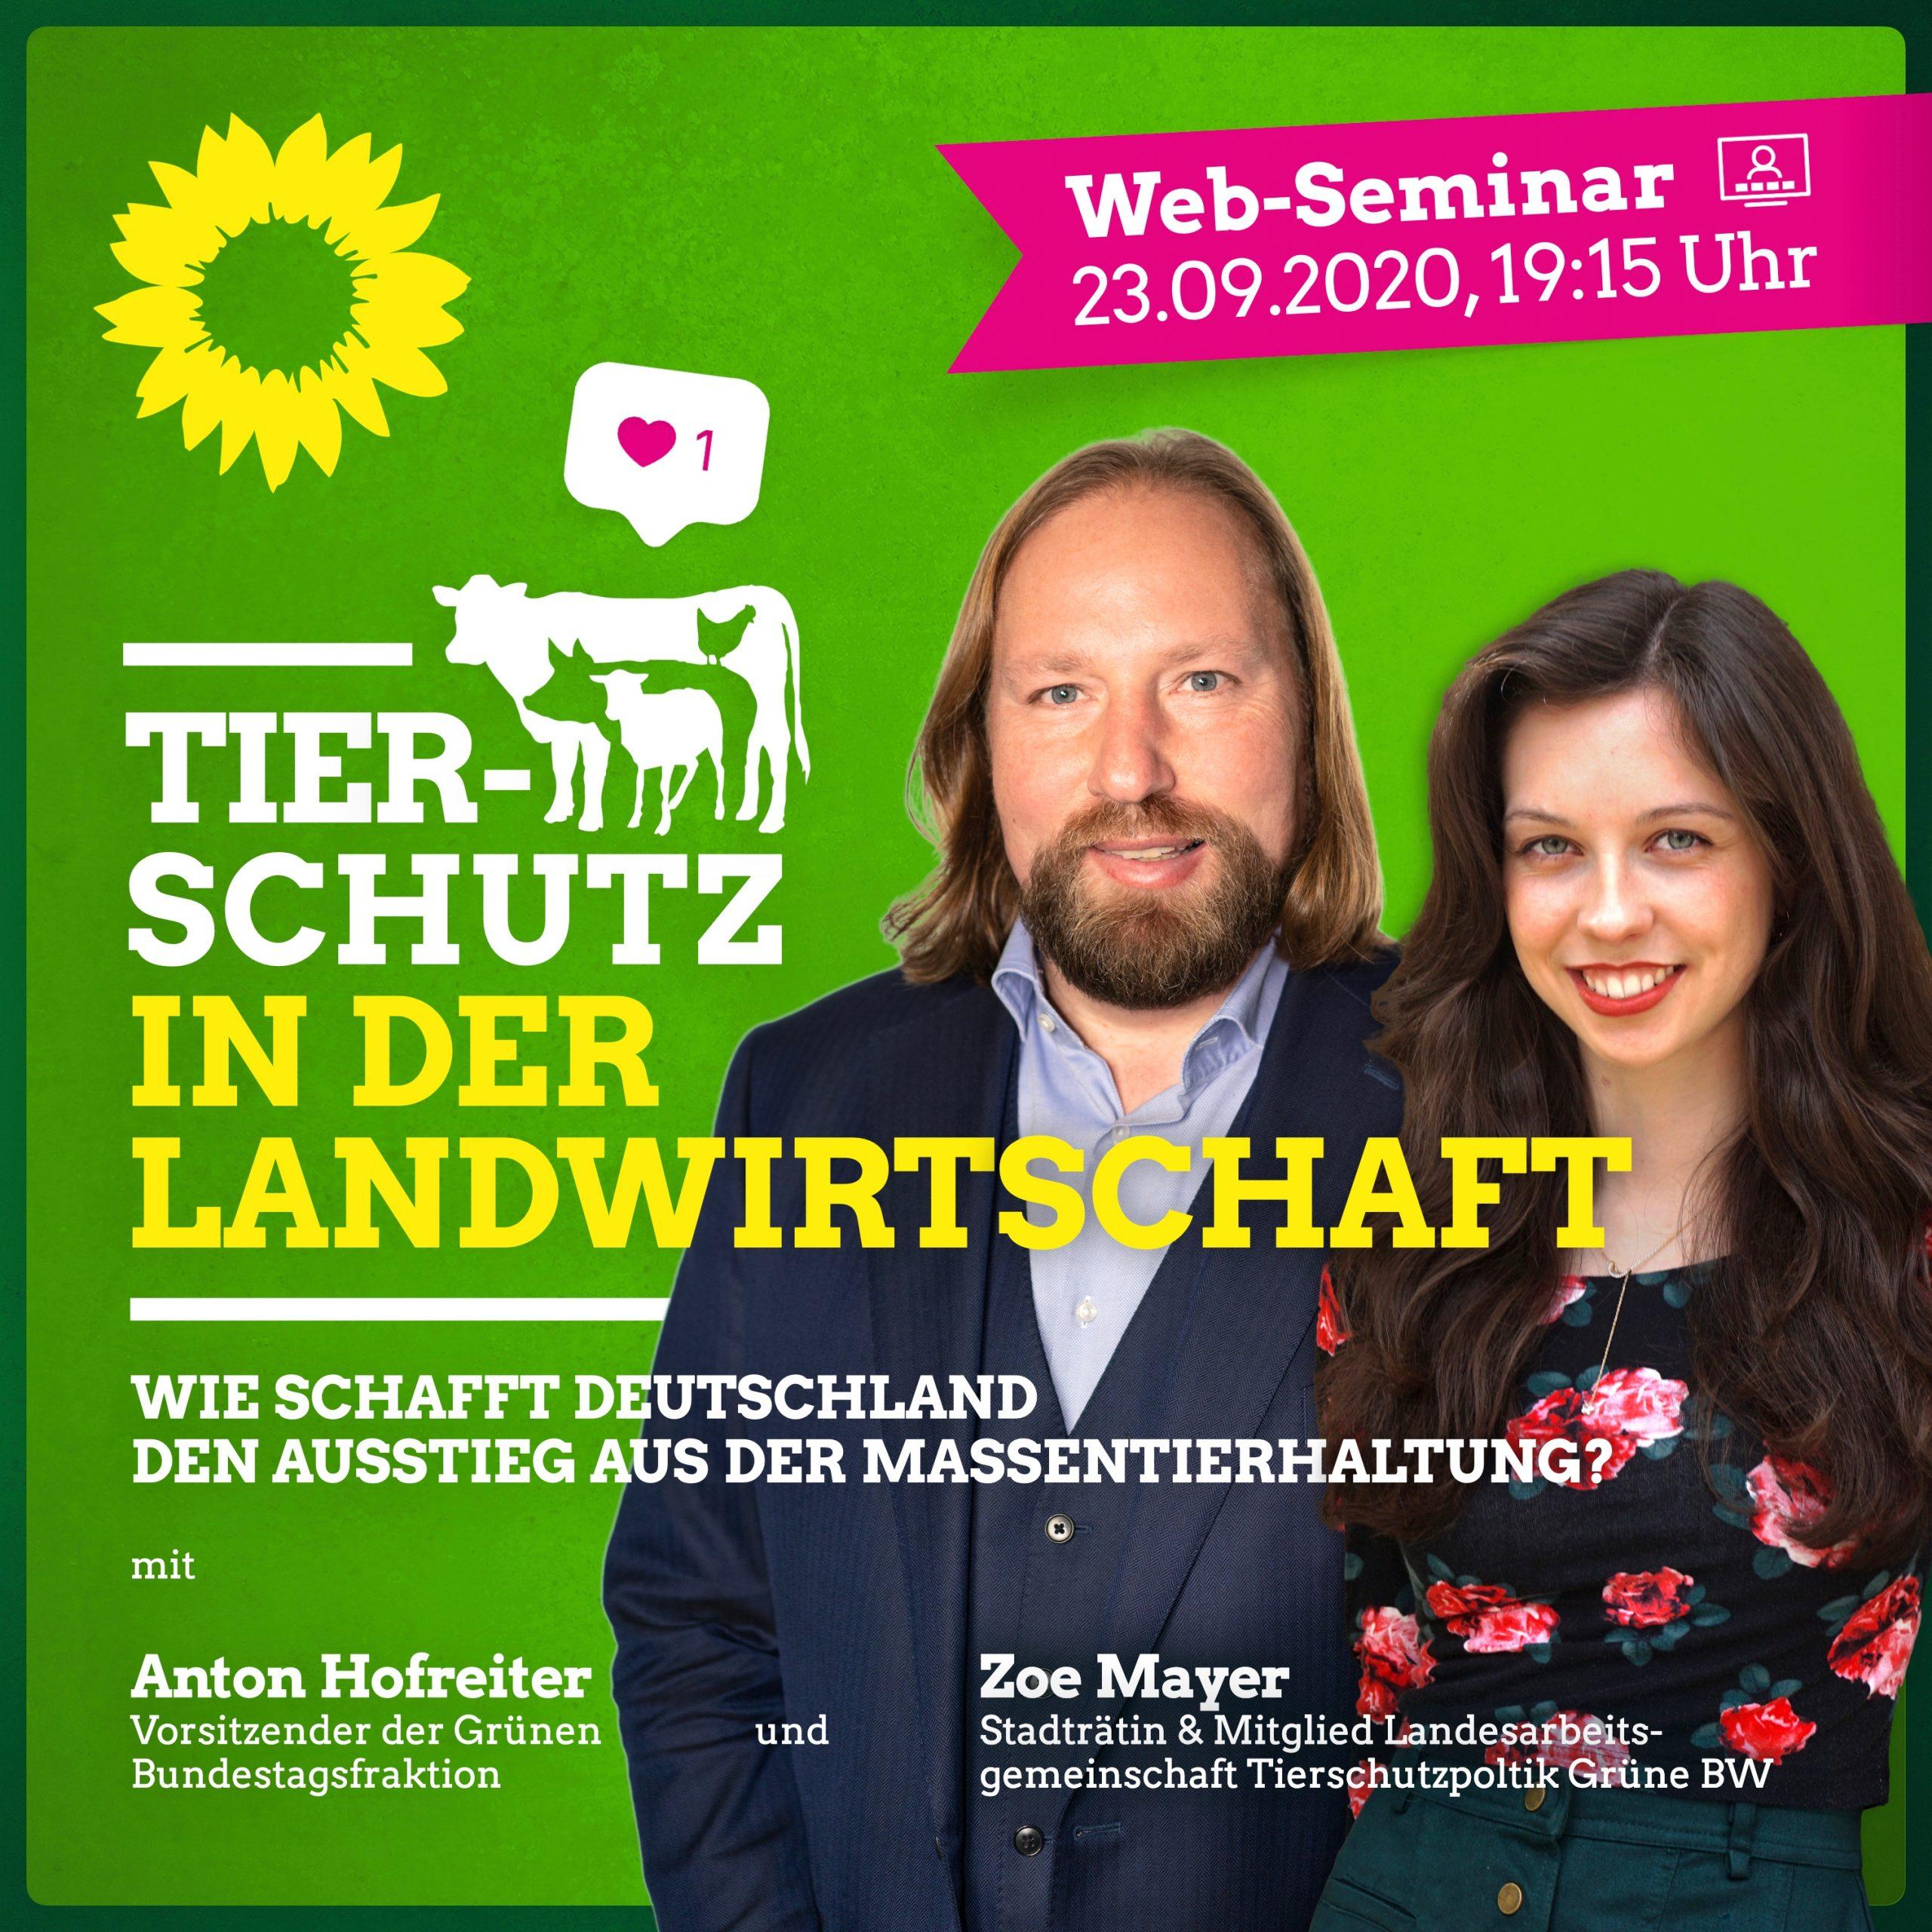 Mittwoch,  23.09.: Web-Seminar mit Toni Hofreiter und Zoe Mayer